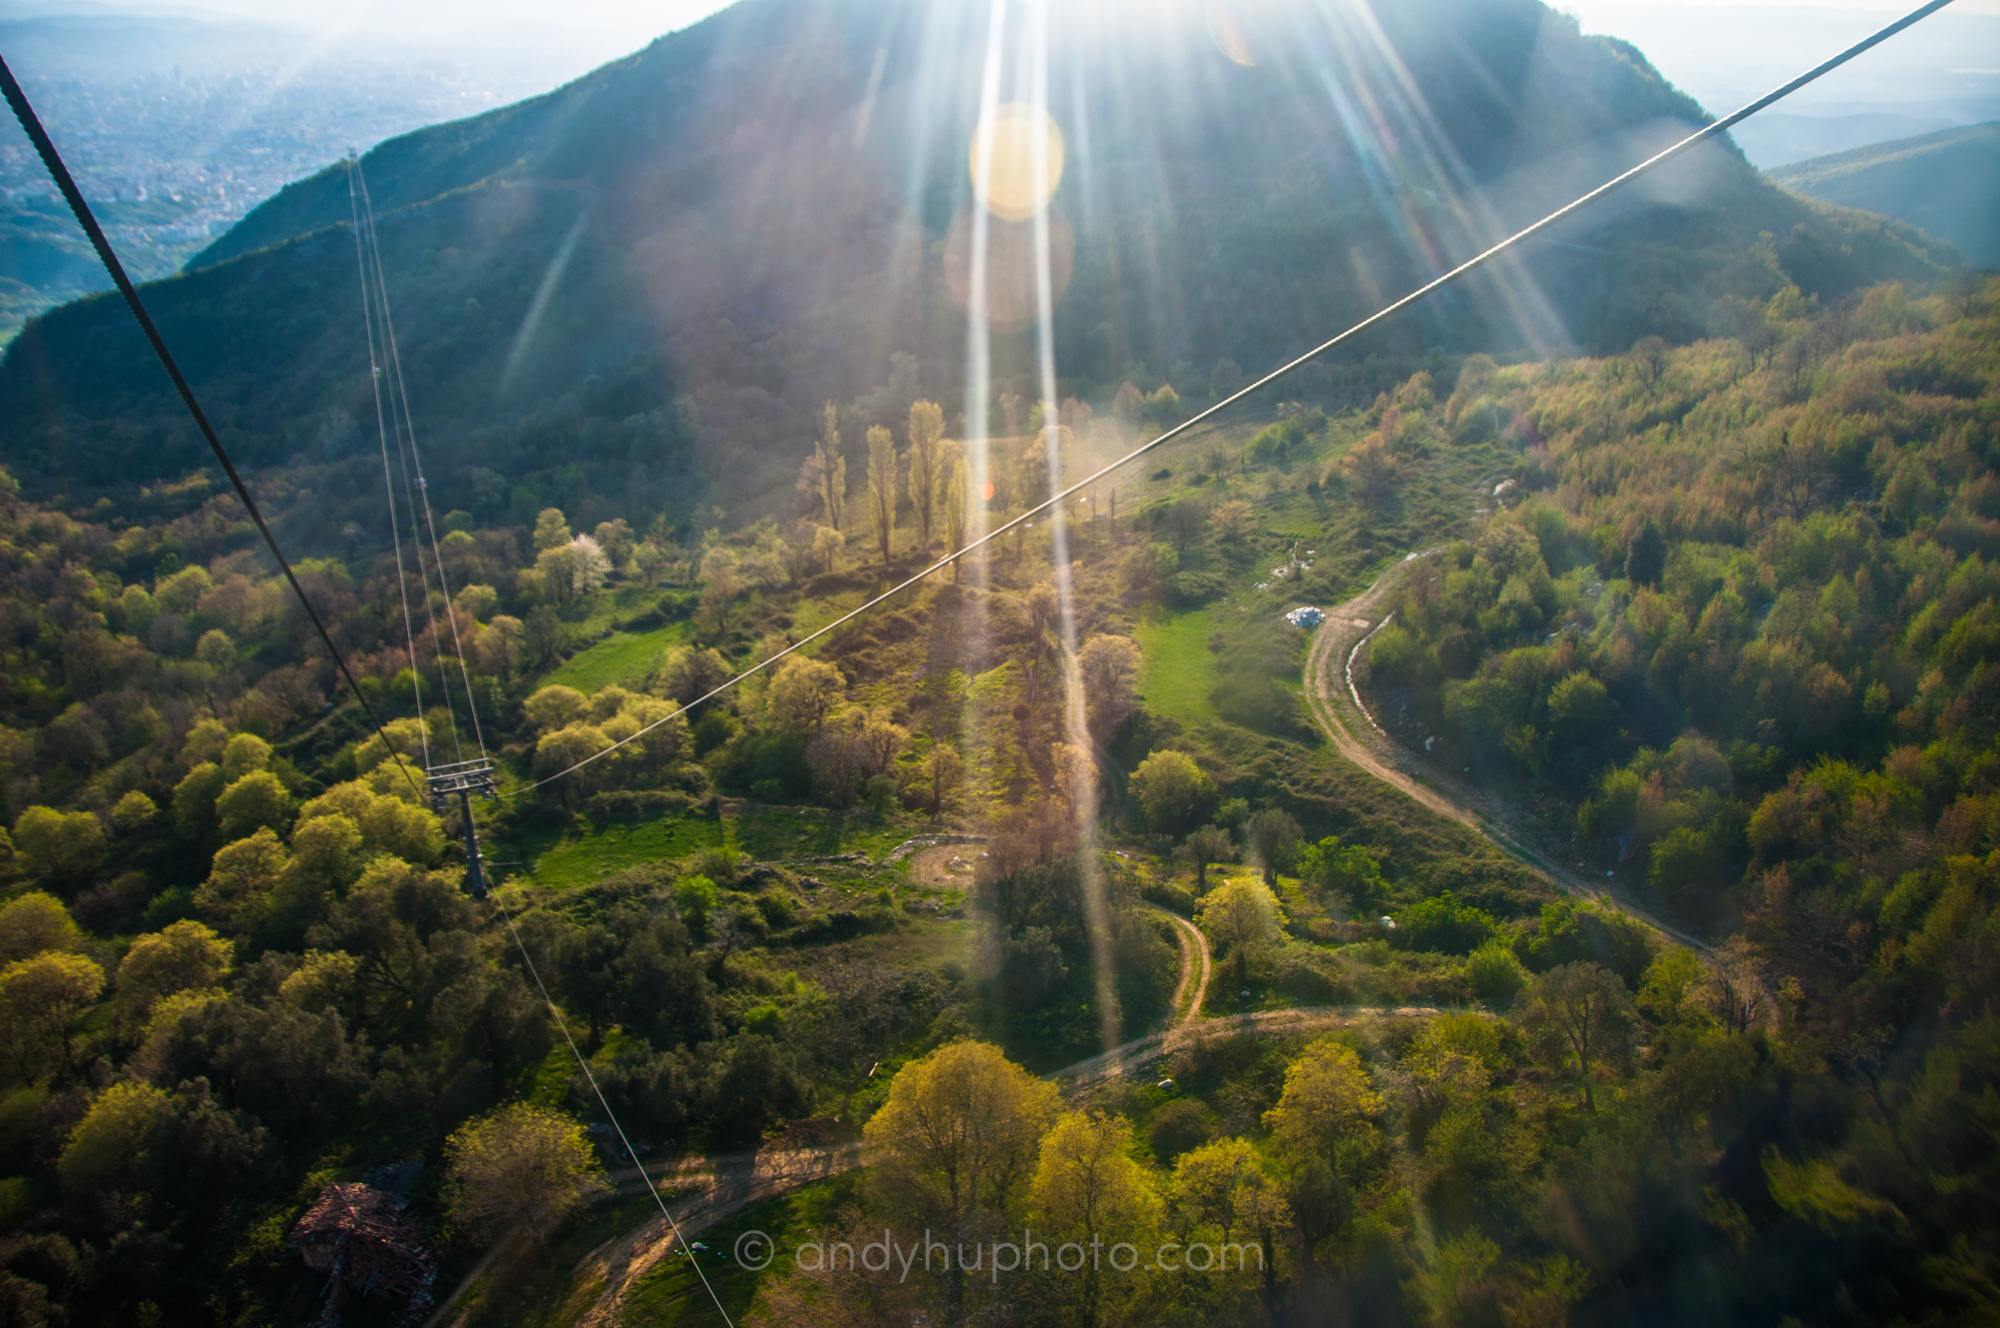 A thrilling ride up Mt. Dajti